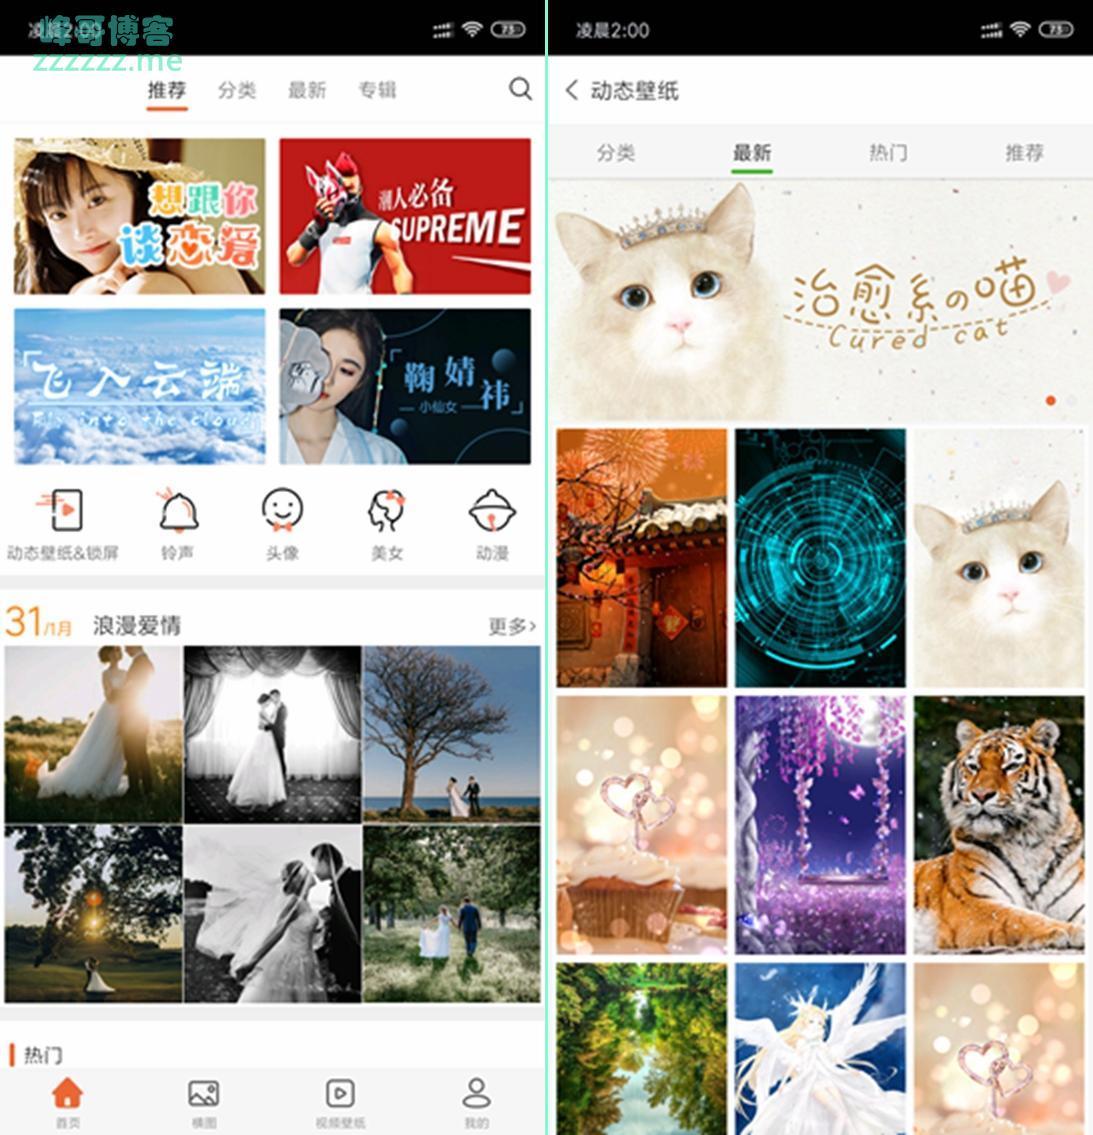 安卓壁纸V5.11.6 去广告精简清爽破解版!